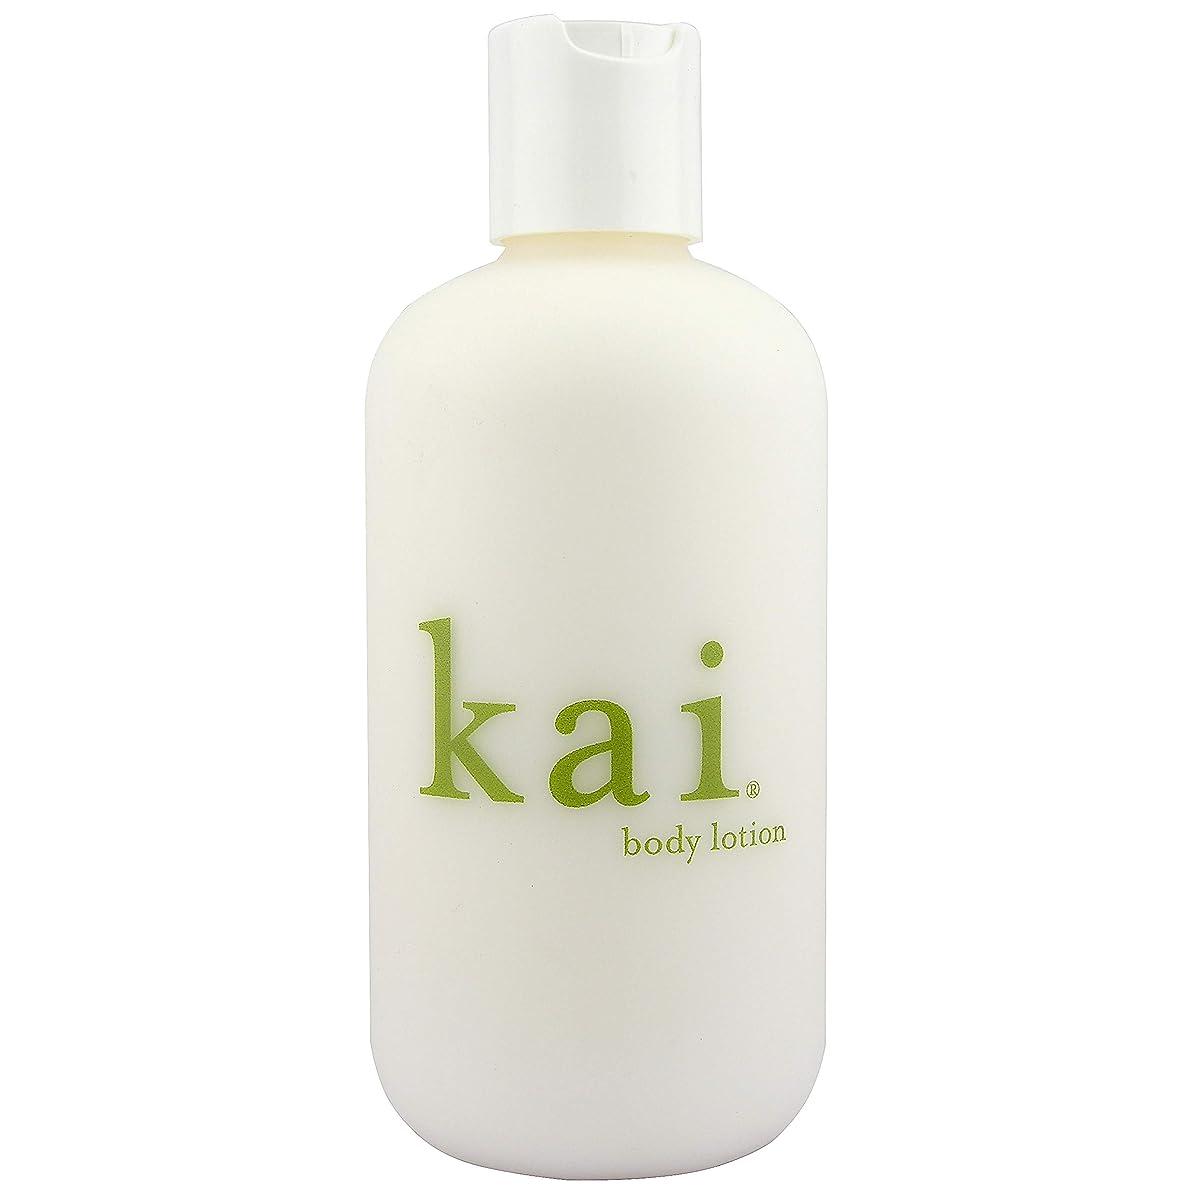 退化する伝染性姉妹Kai fragrance カイ フラグレンス  ボディーローション